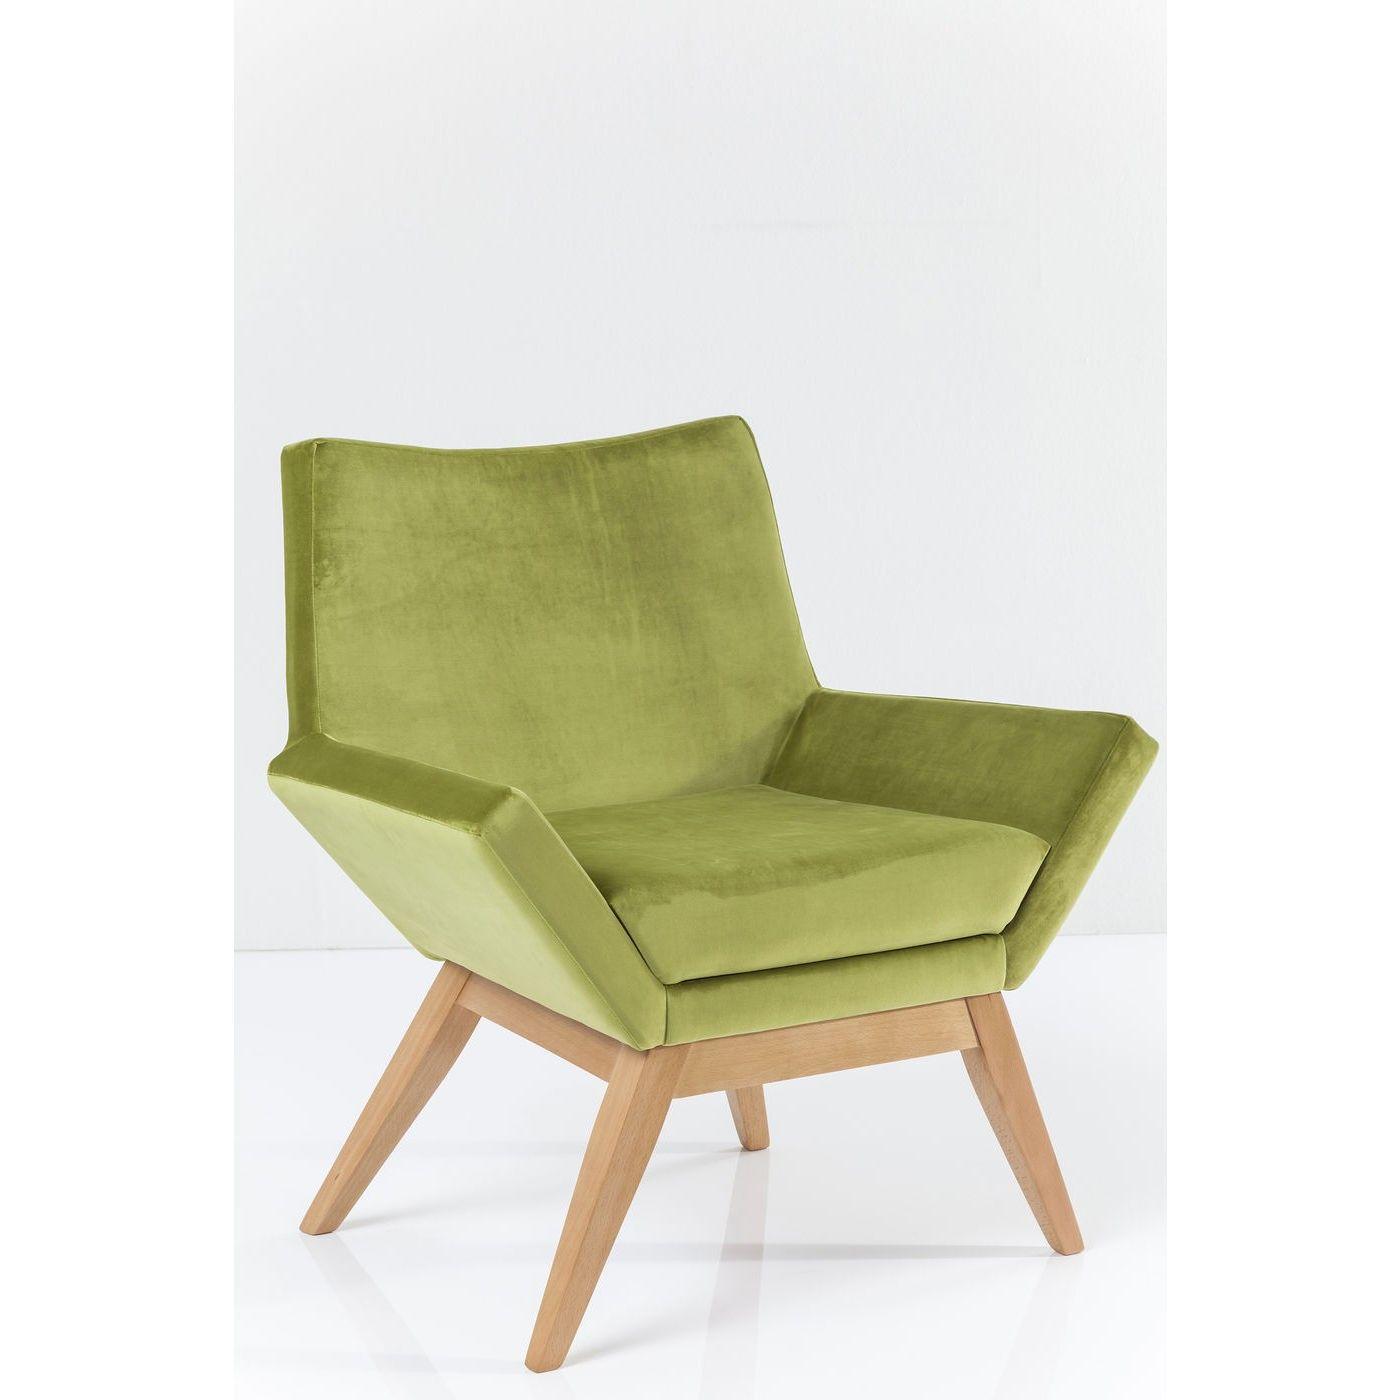 sessel pixie grün | wohnzimmer | pinterest | pixies